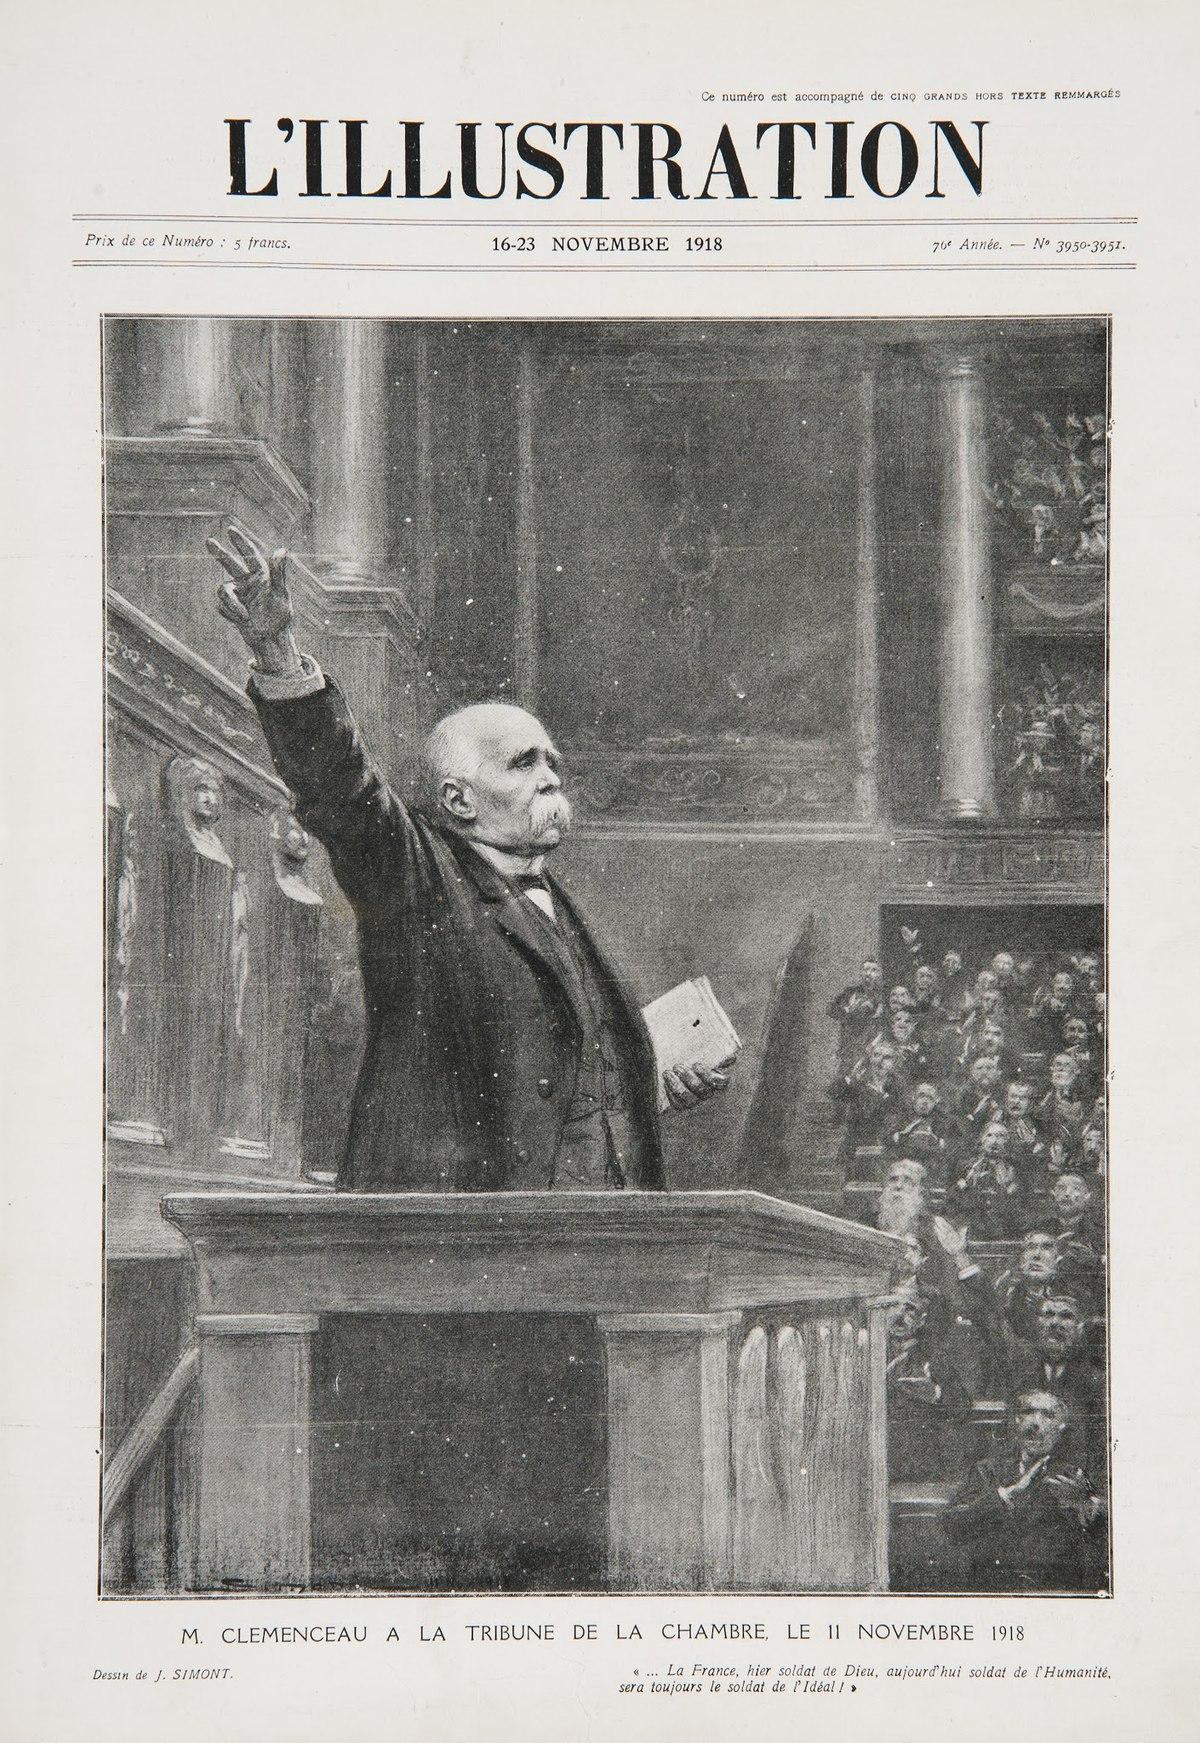 Fichier:L'Illustration - Clemenceau à la tribune le 11 novembre 1918.jpg — Wikipédia